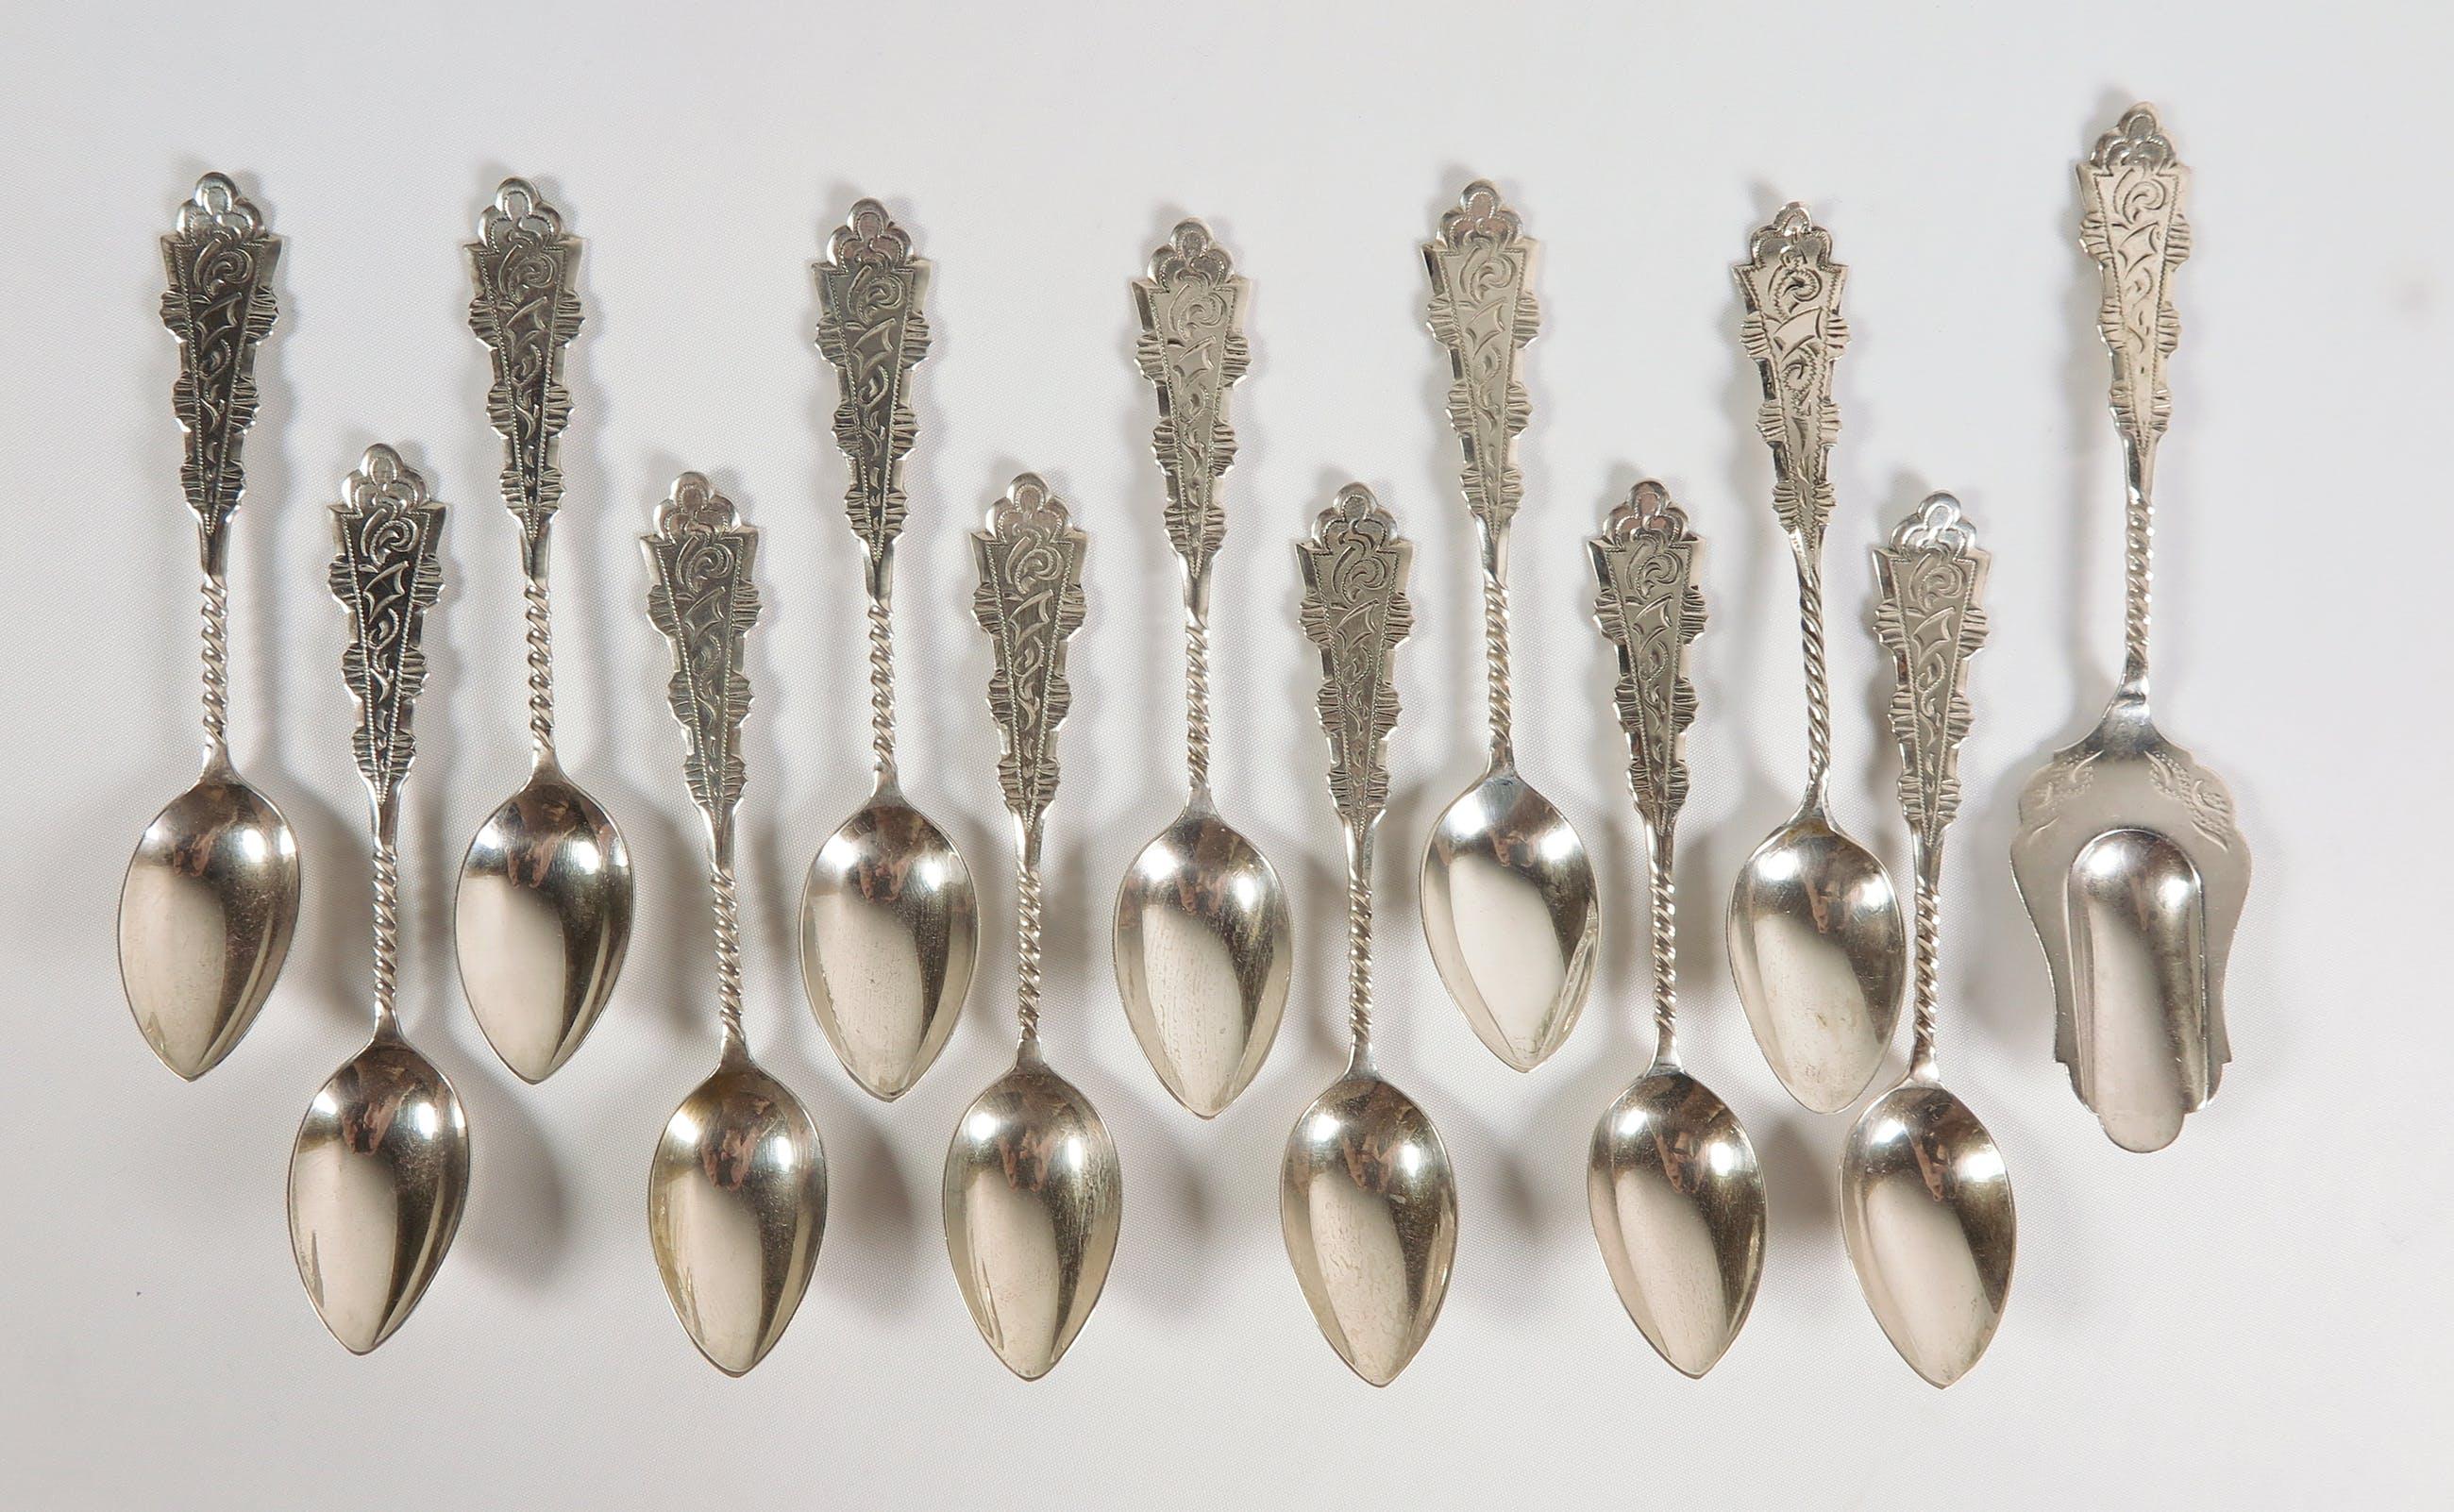 12 zilveren theelepels met suikerschepje kopen? Bied vanaf 120!